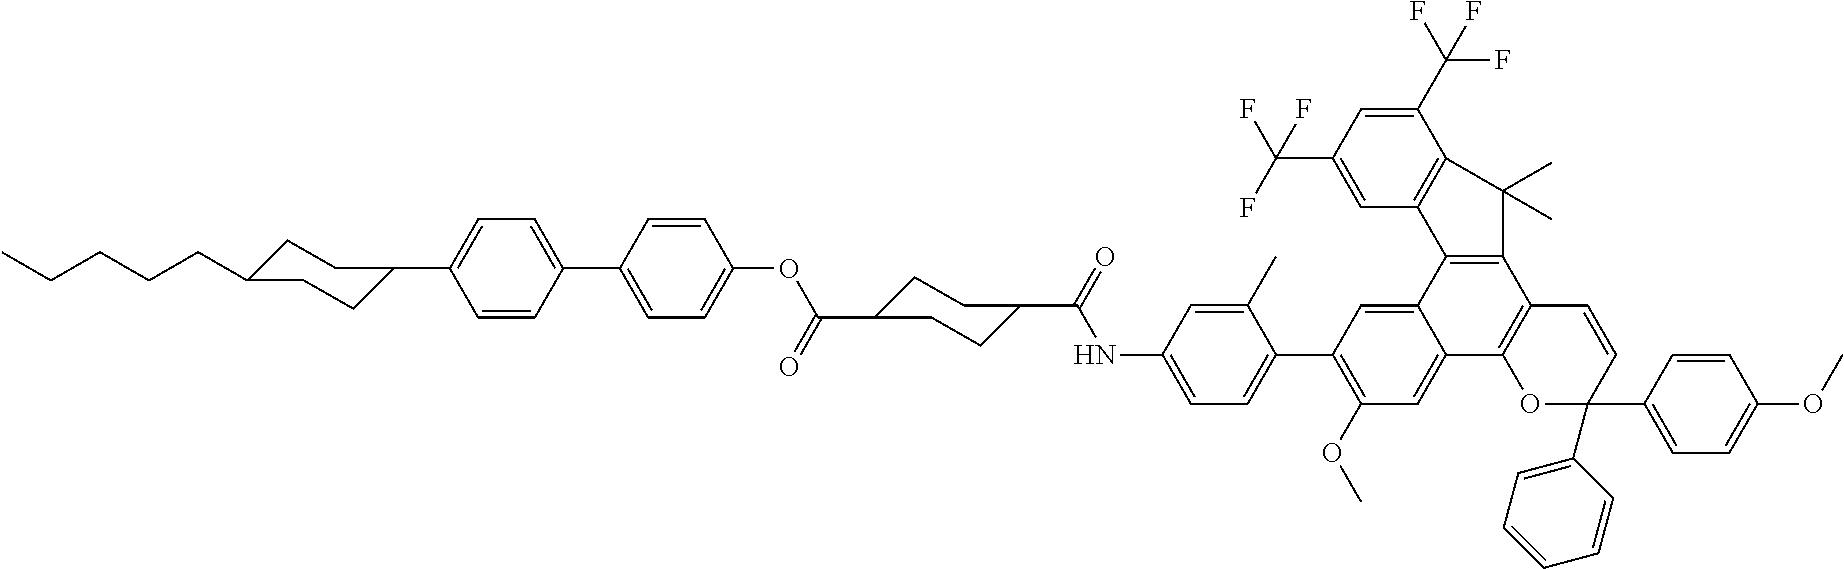 Figure US08518546-20130827-C00047